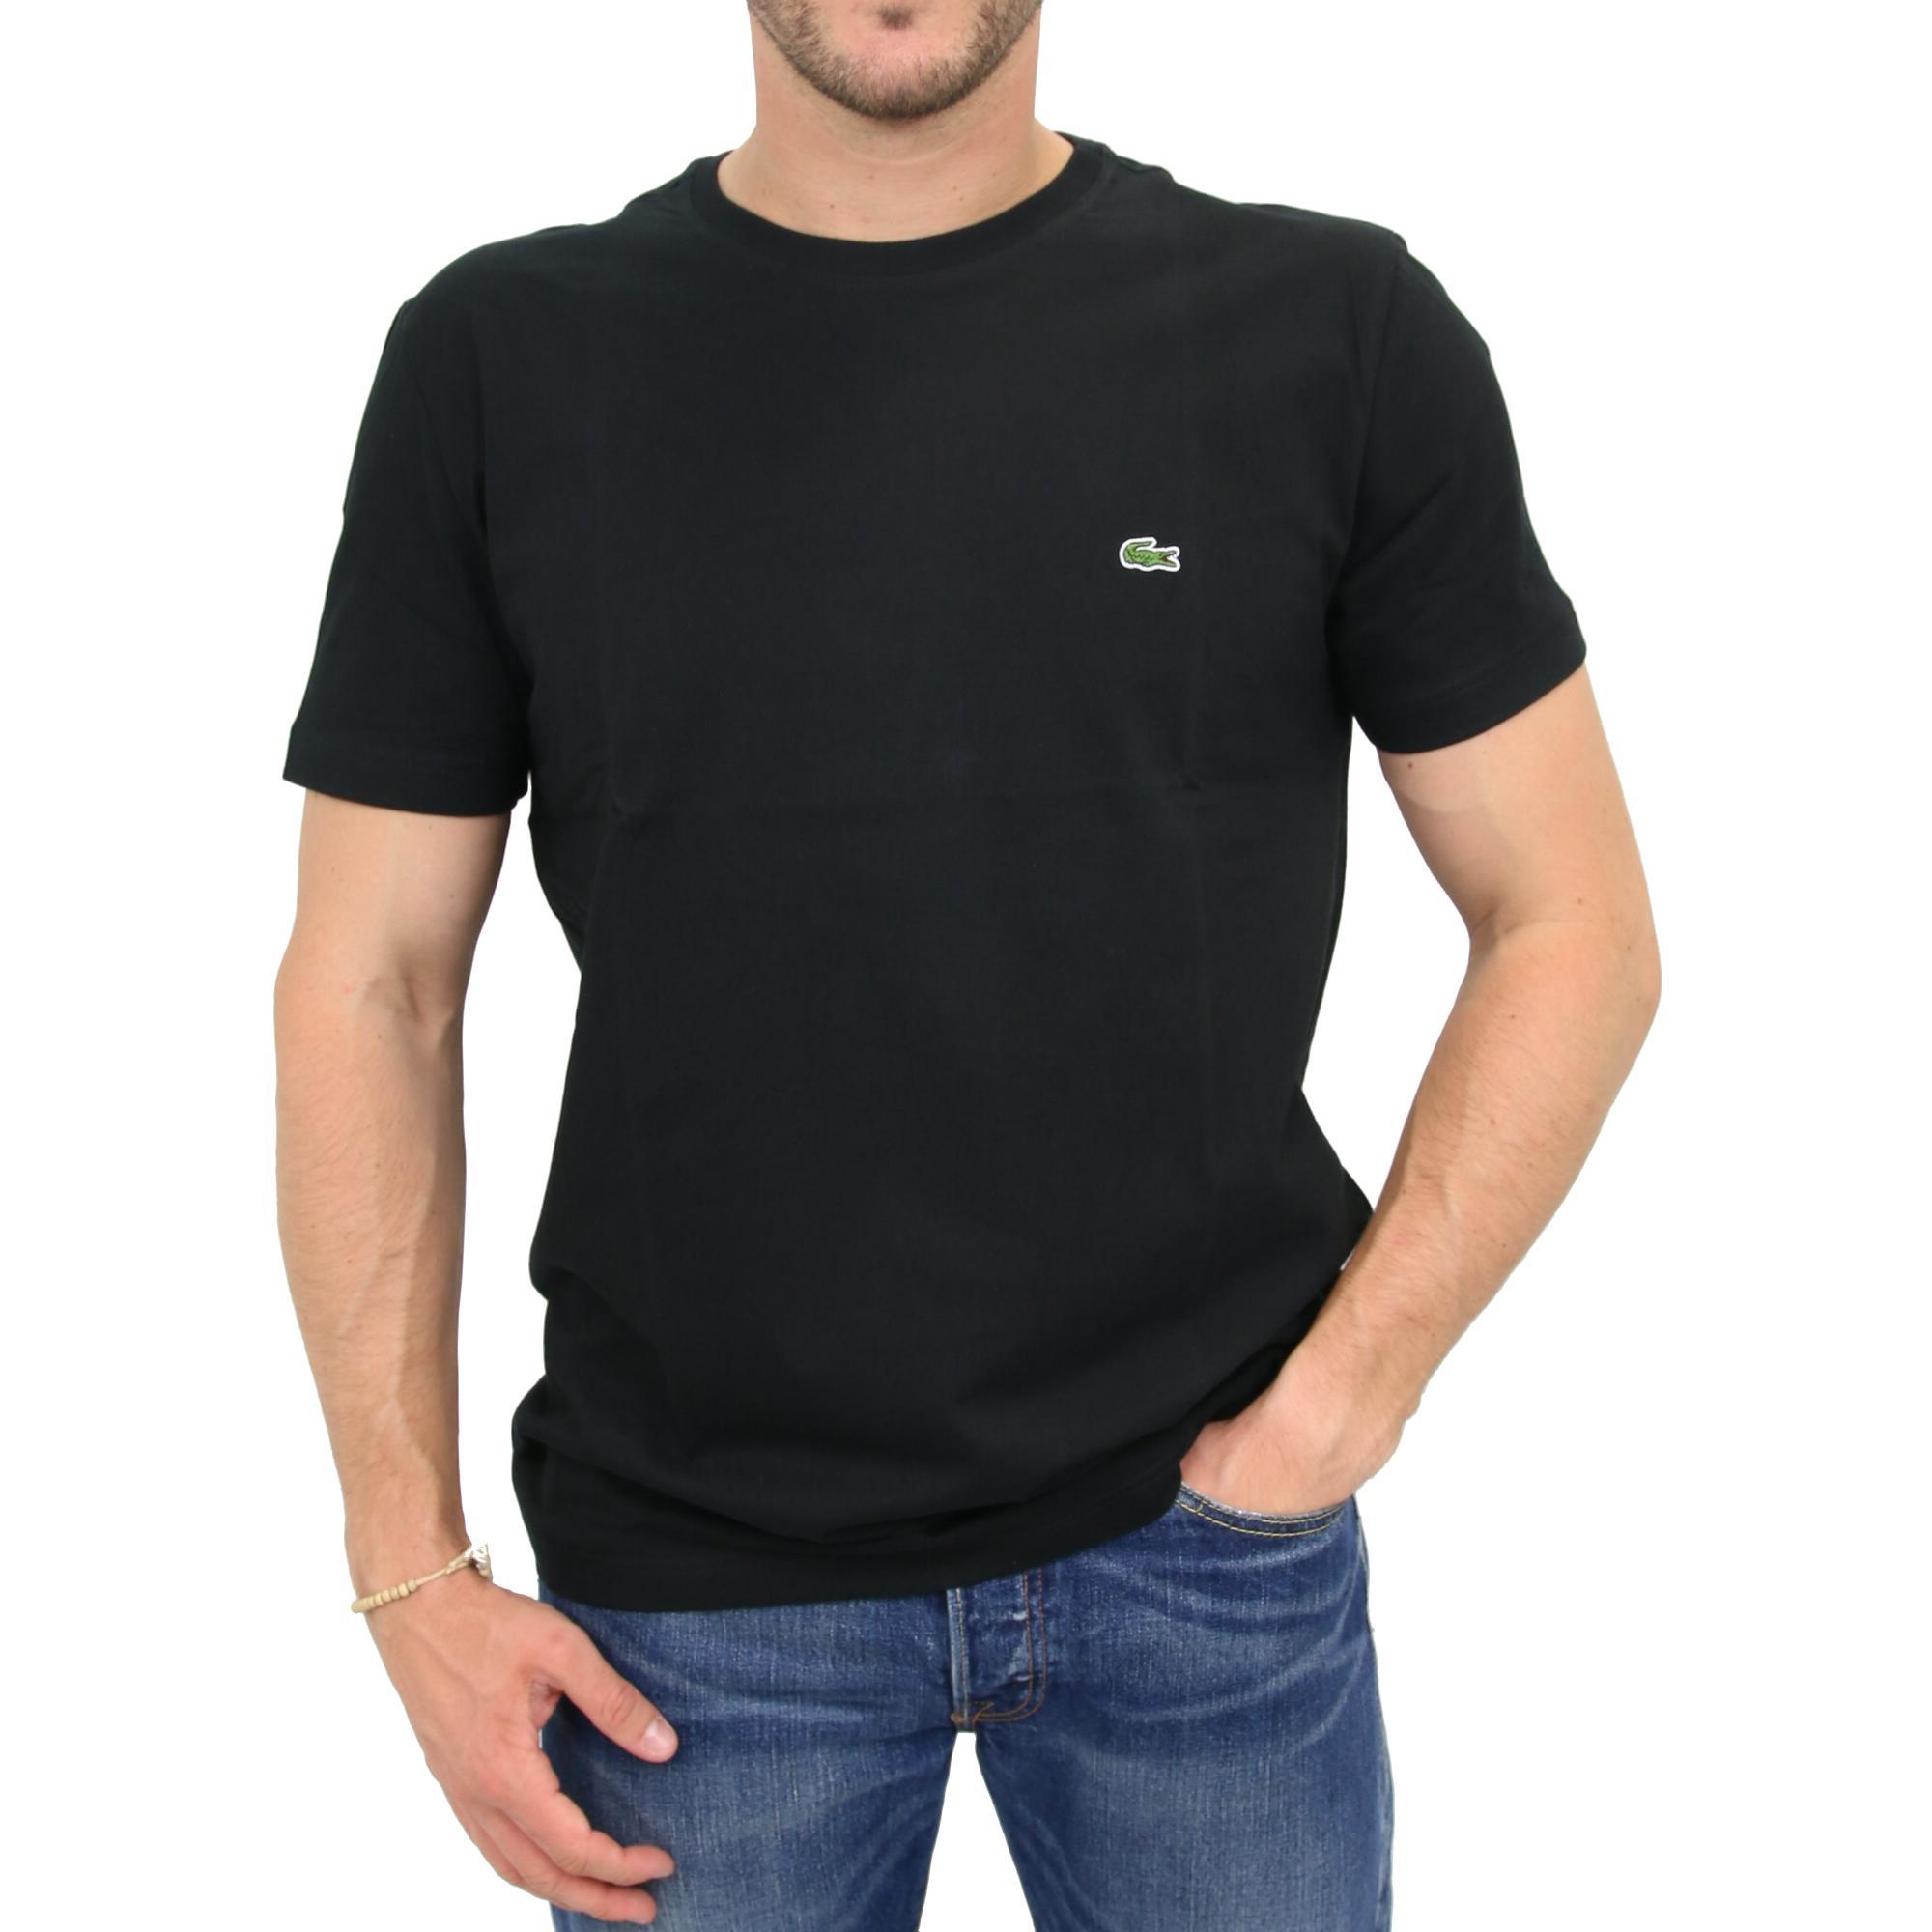 Lacoste-Rundhals-T-Shirt-Shirt-Kurzarm-Herren-diverse-Farben